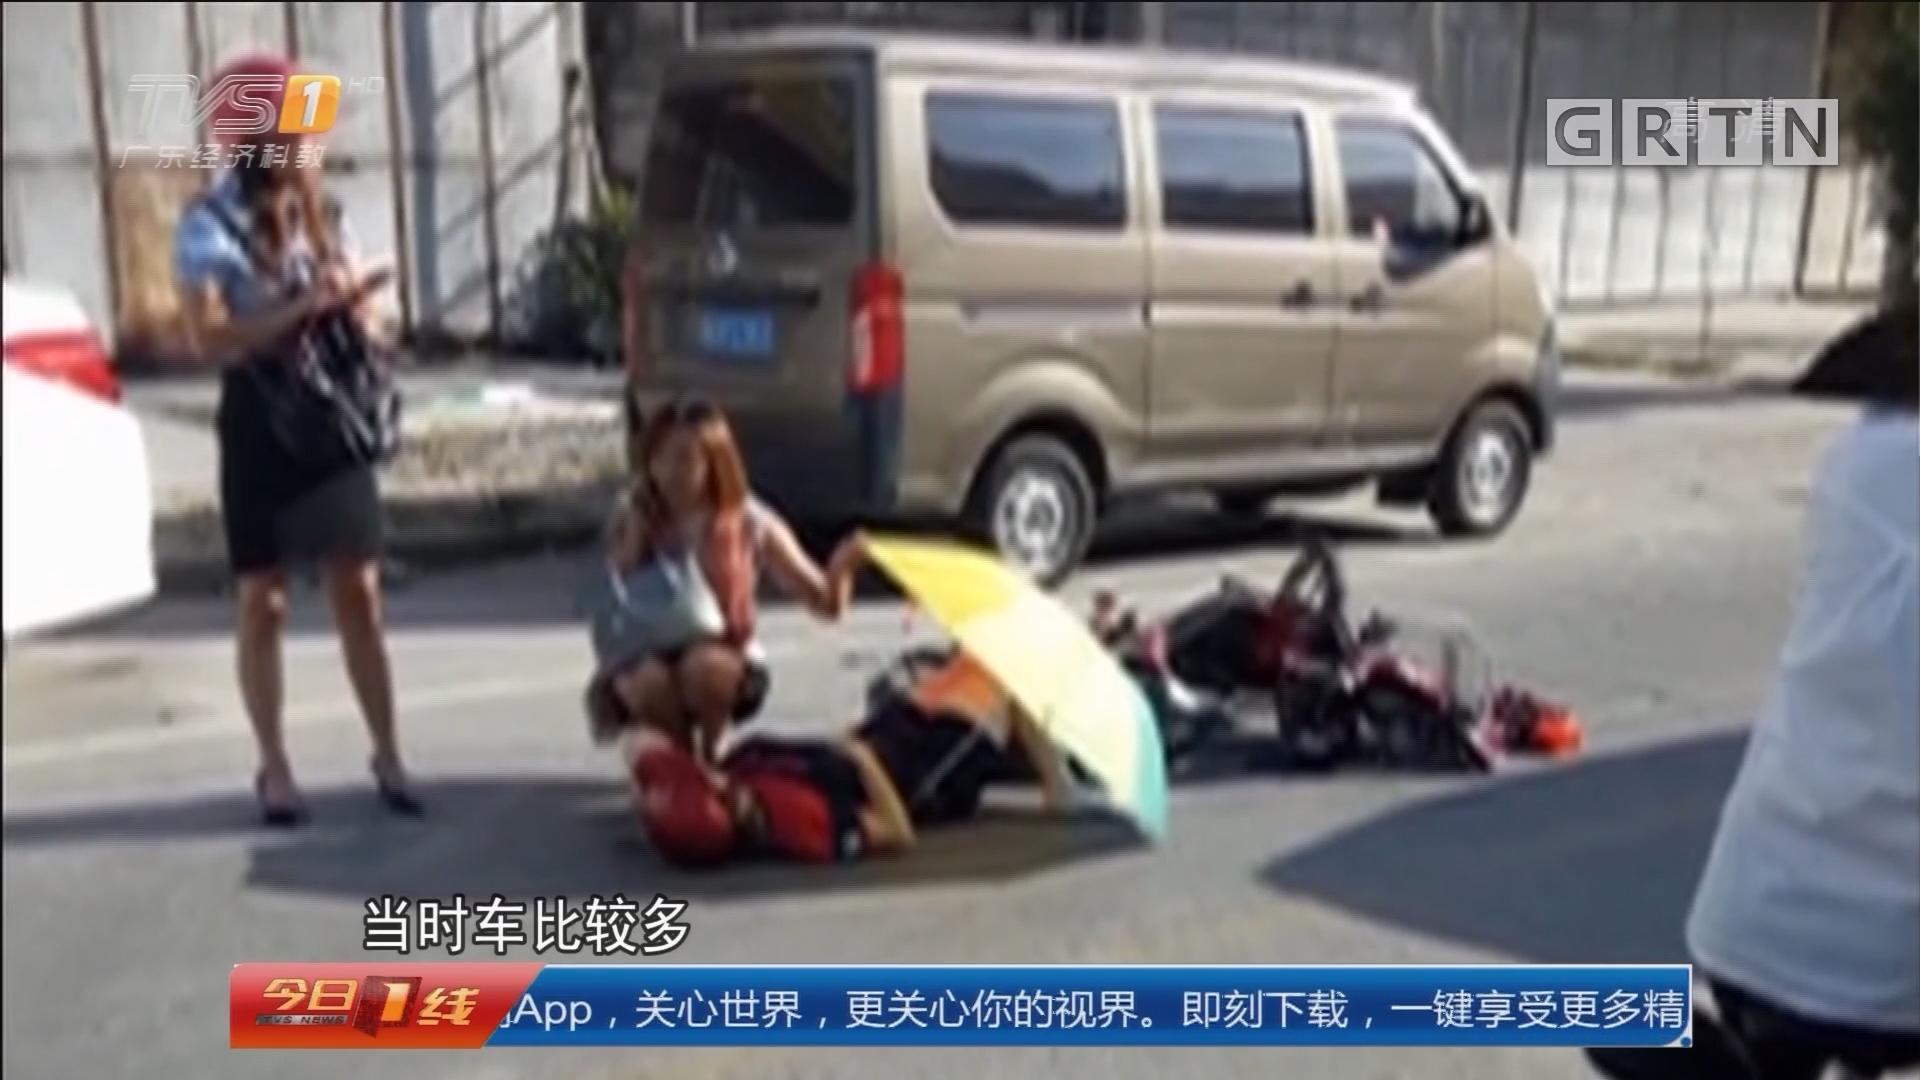 潮州湘桥:车主倒地受伤 热心路人撑起守护伞